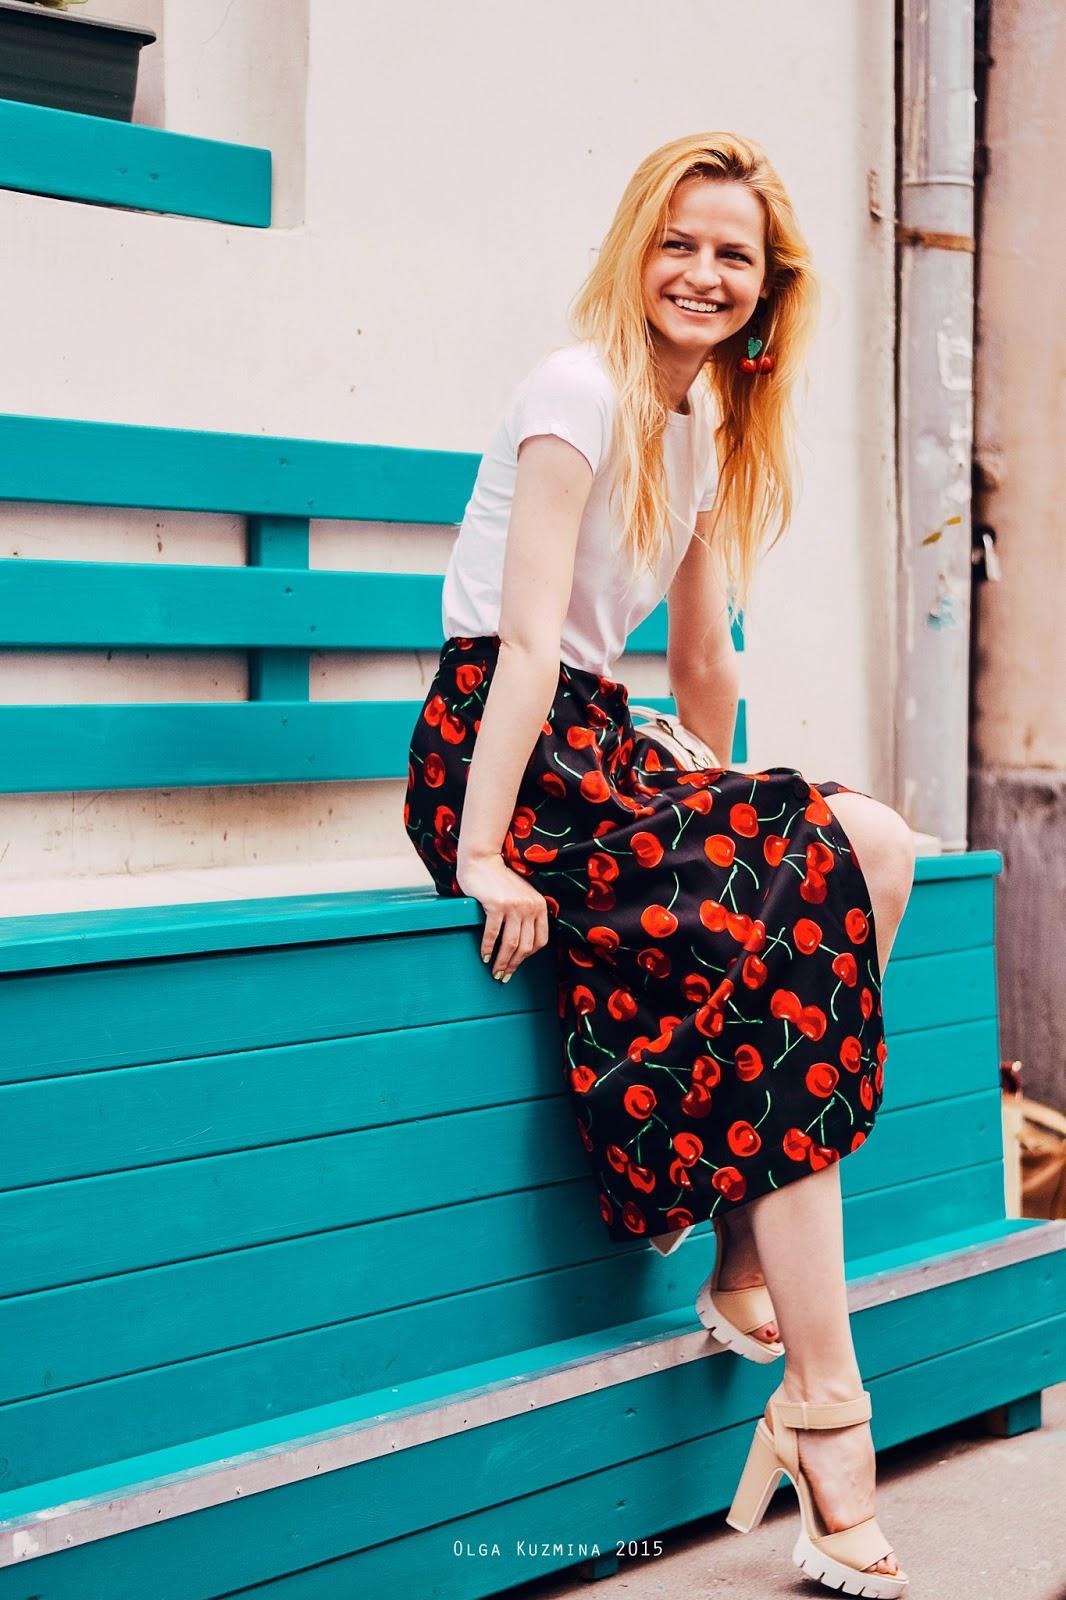 fashion summer looks, тенденции весна лето 2015